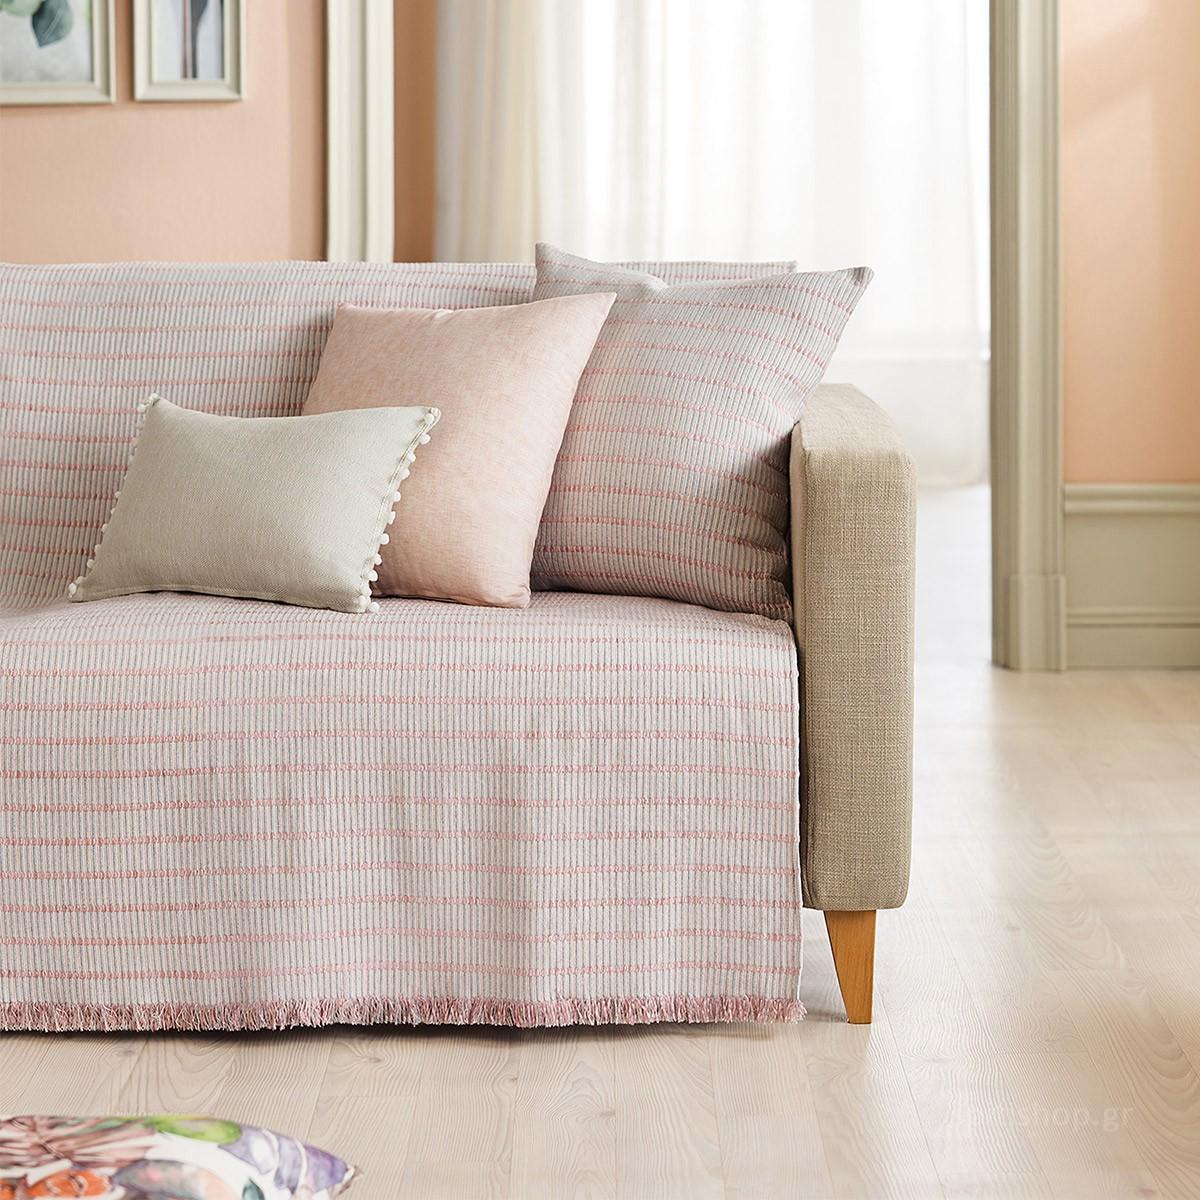 Ριχτάρι Τετραθέσιου (180x350) Gofis Home Solitaire Pink 476/17